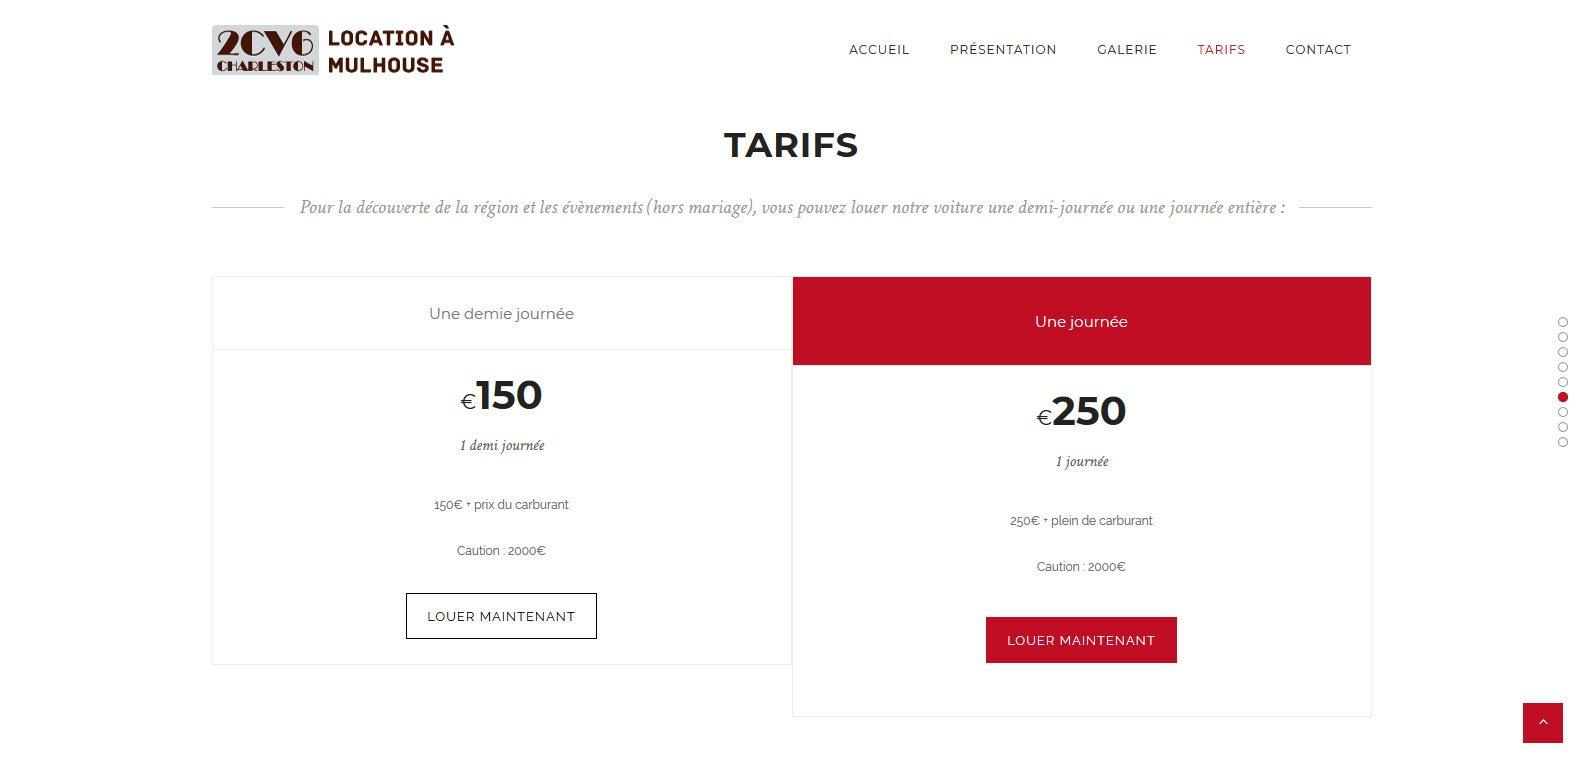 Tarifs de location d'une 2CV à Mulhouse, client Karedess, agence web situé à Mulhouse